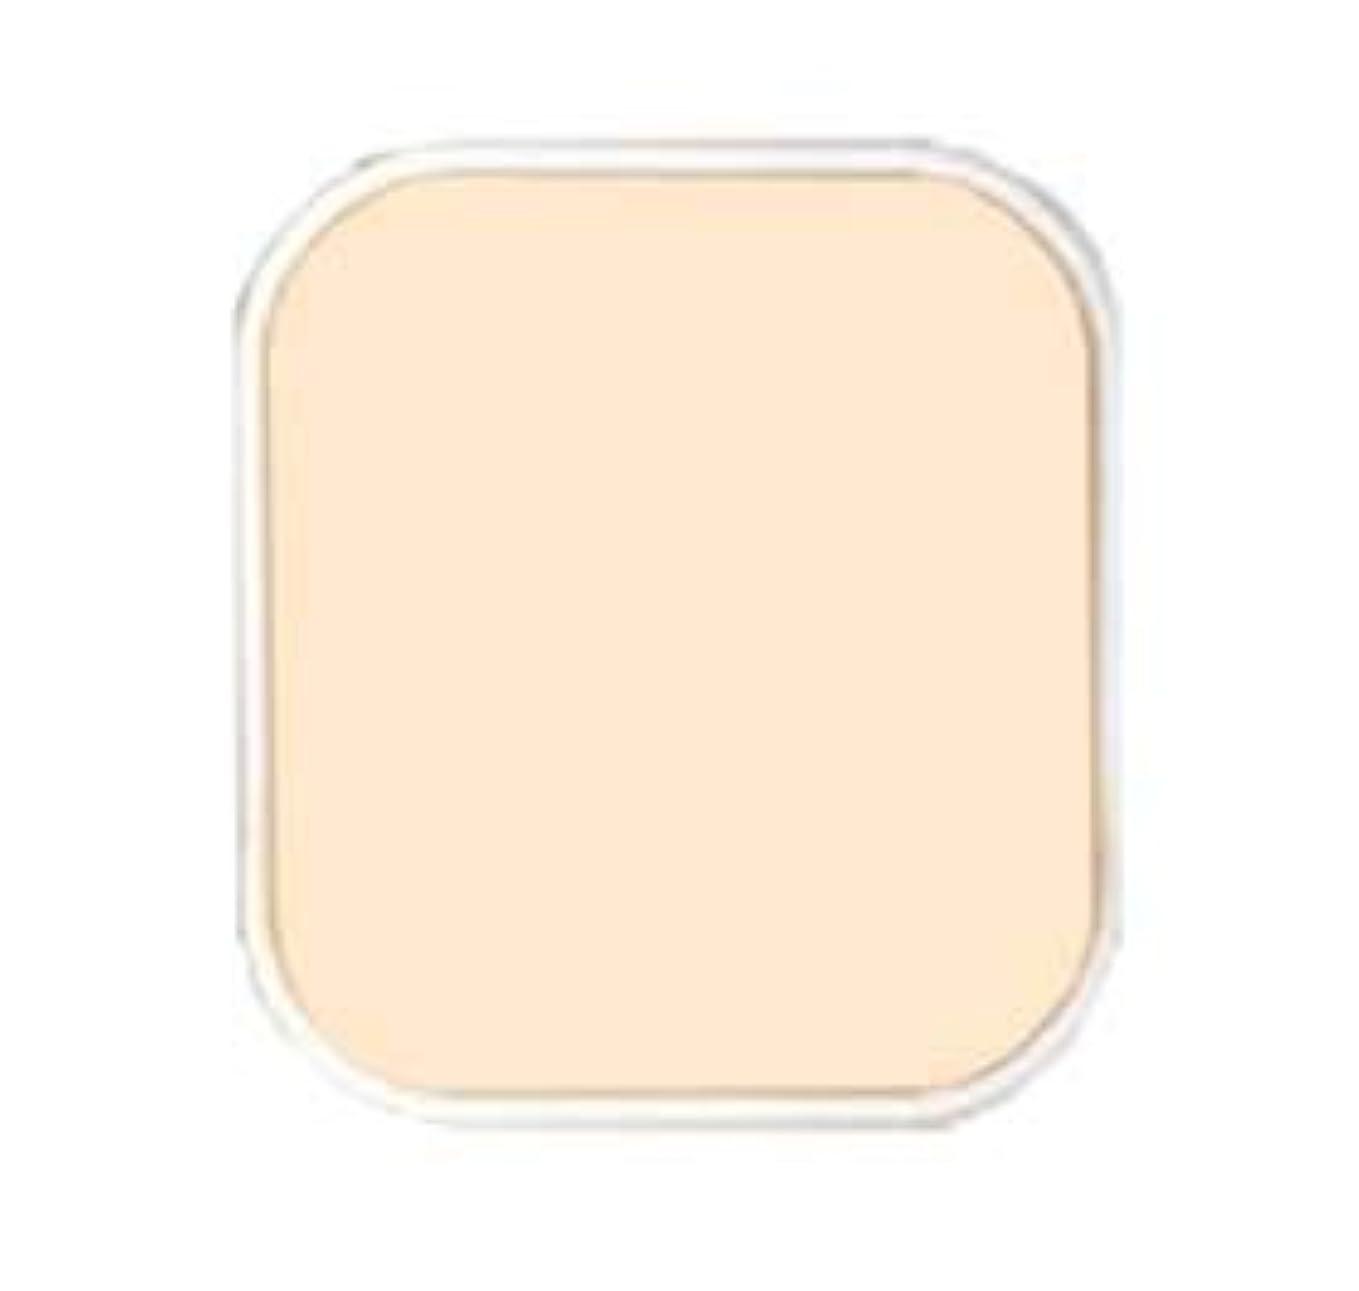 鼻気絶させる発音するアクセーヌ クリーミィファンデーションPV(リフィル)<N10明るいナチュラル系>※ケース別売り(11g)